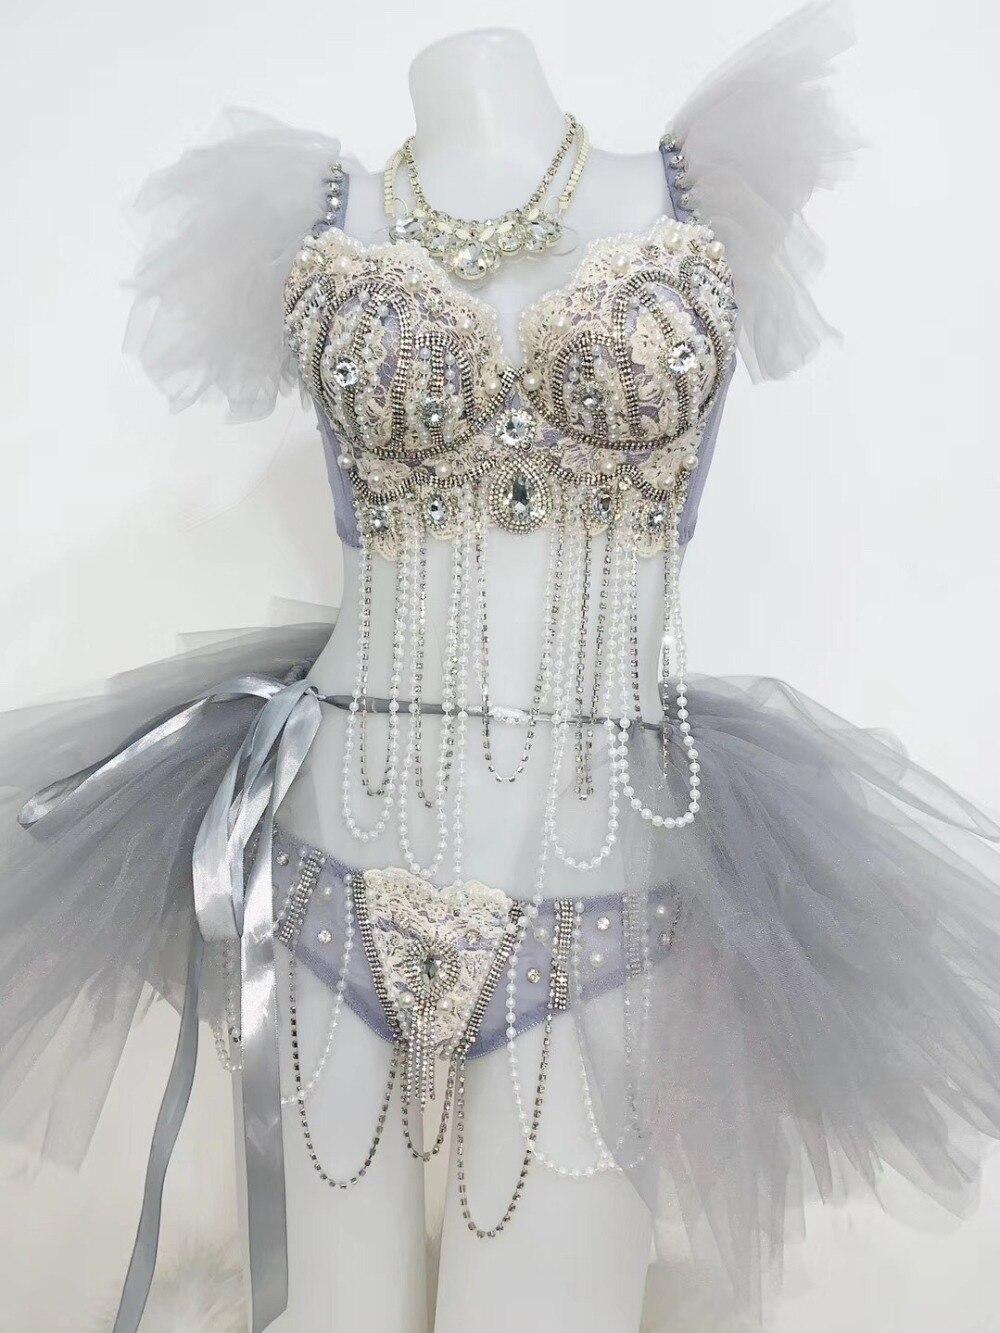 Cristaux lumineux perles broderie soutien-gorge jupe courte Tutu tenue discothèque chanteur spectacle Bikini femmes fête d'anniversaire ensemble